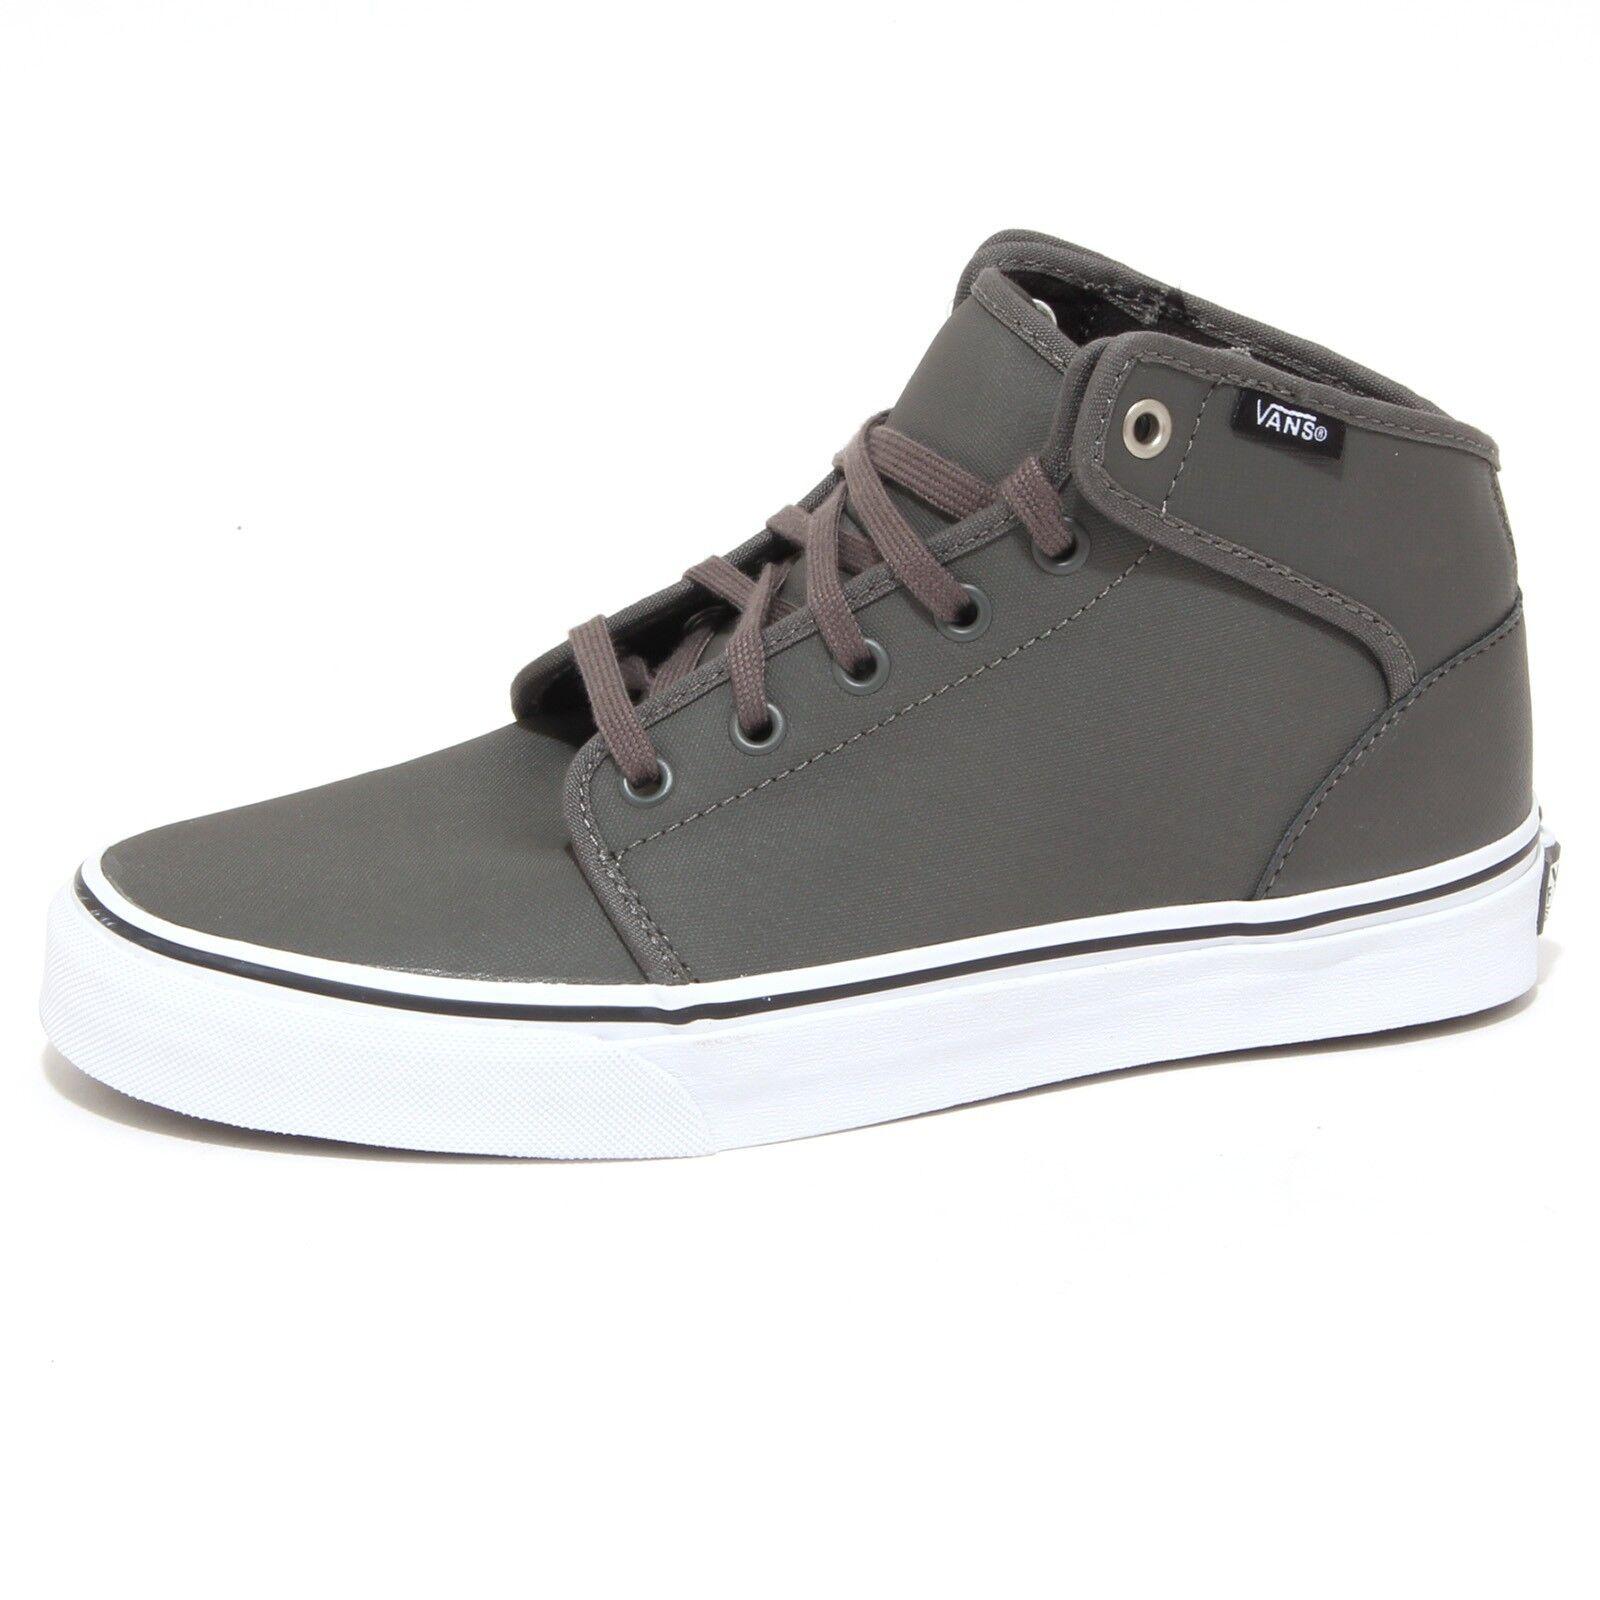 7856P sneaker uomo VANS 106 MID grigio shoe Uomo